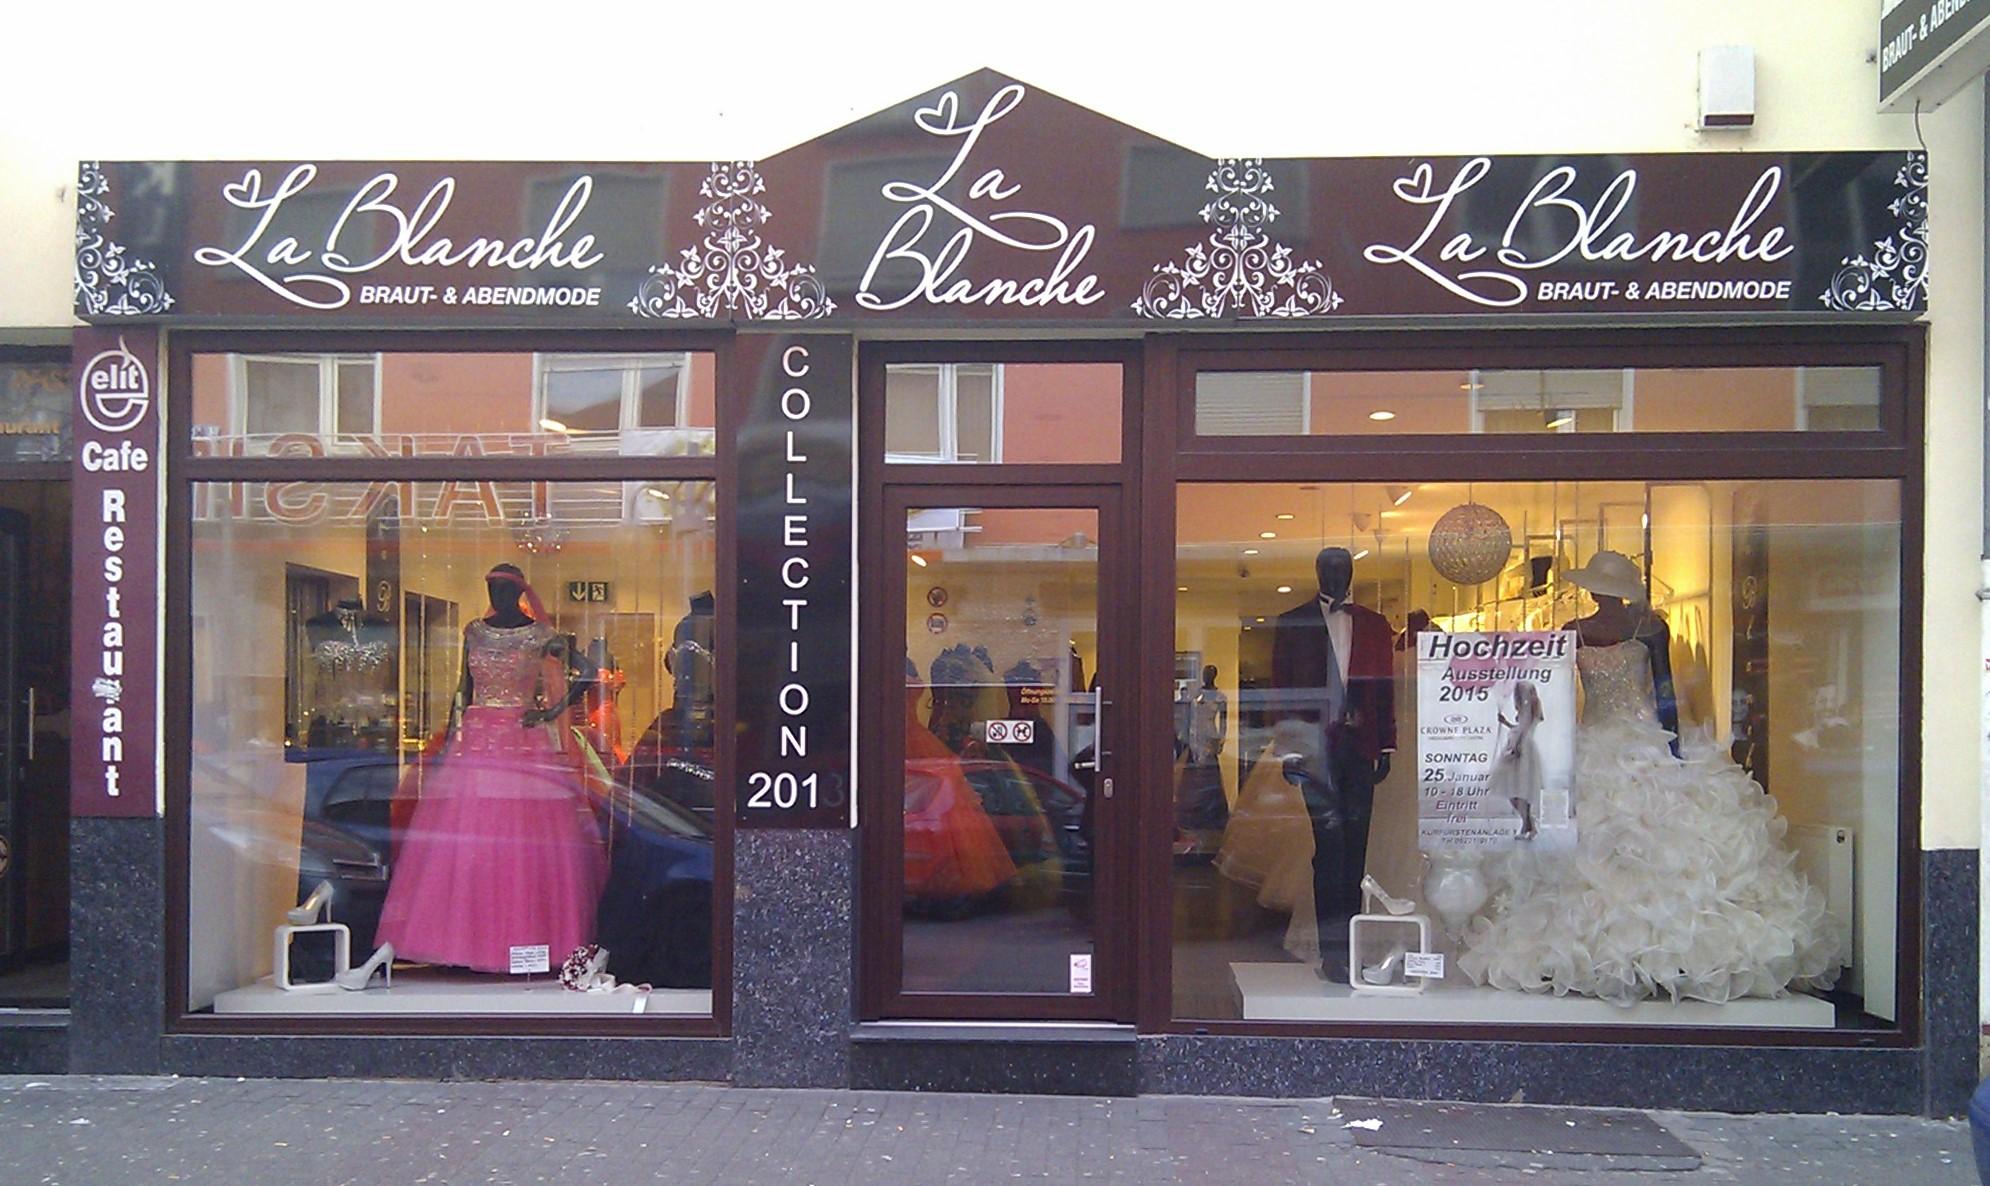 File:La Blanche Brautmoden Geschäfte Mannheim G15.jpg - Wikimedia